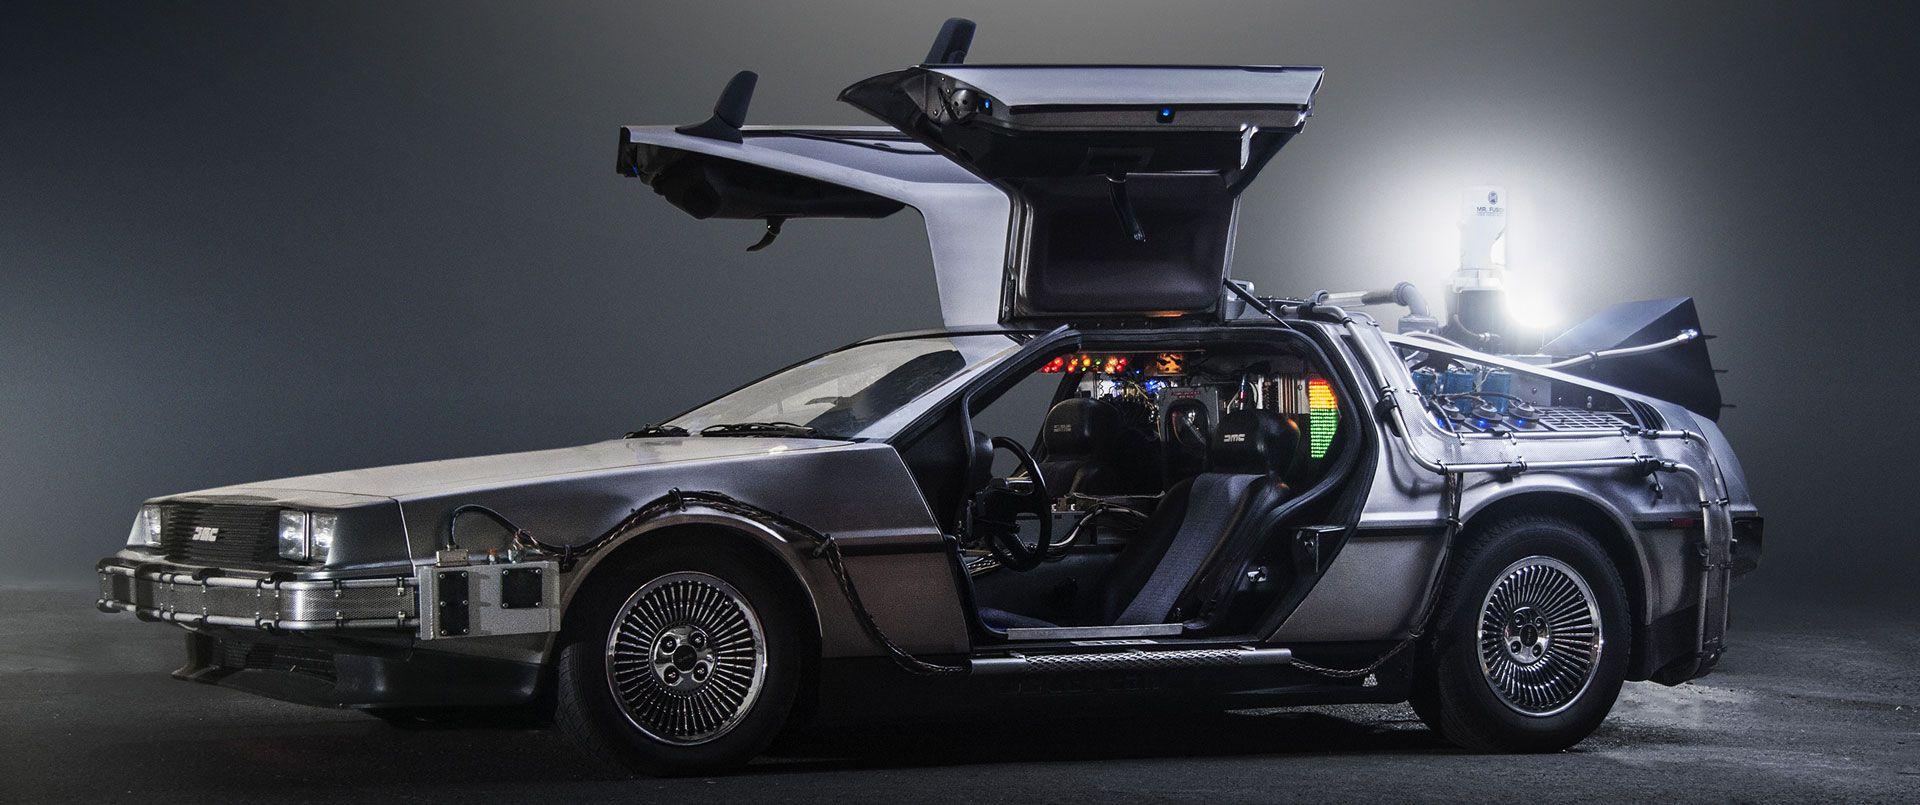 Трагическая и красивая судьба DeLorean DMC-12.